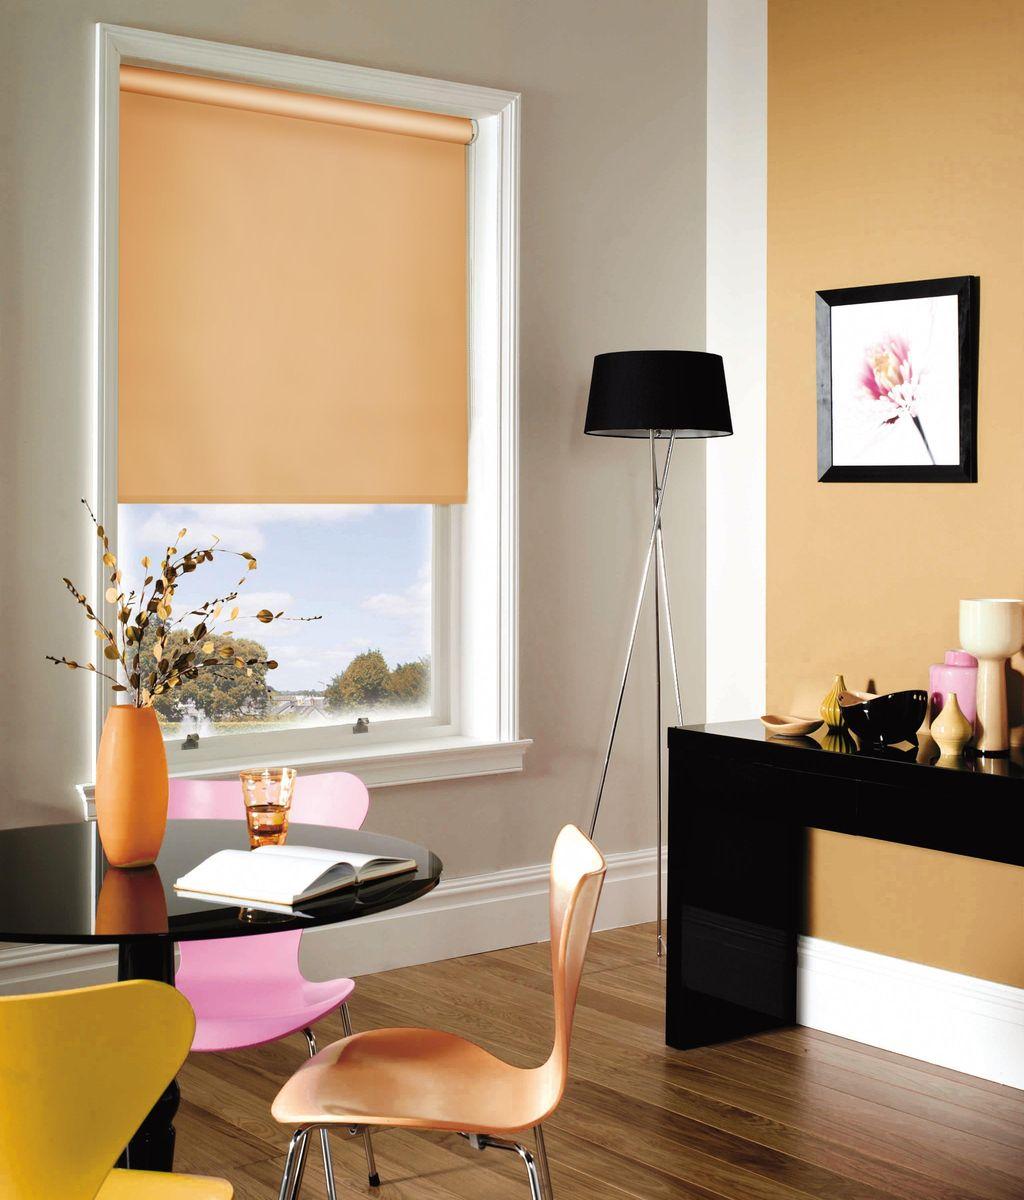 Штора рулонная Эскар, цвет: абрикосовый, ширина 130 см, высота 170 см81012130170Рулонными шторами можно оформлять окна как самостоятельно, так и использовать в комбинации с портьерами. Это поможет предотвратить выгорание дорогой ткани на солнце и соединит функционал рулонных с красотой навесных. Преимущества применения рулонных штор для пластиковых окон: - имеют прекрасный внешний вид: многообразие и фактурность материала изделия отлично смотрятся в любом интерьере; - многофункциональны: есть возможность подобрать шторы способные эффективно защитить комнату от солнца, при этом о на не будет слишком темной. - Есть возможность осуществить быстрый монтаж. ВНИМАНИЕ! Размеры ширины изделия указаны по ширине ткани! Во время эксплуатации не рекомендуется полностью разматывать рулон, чтобы не оторвать ткань от намоточного вала. В случае загрязнения поверхности ткани, чистку шторы проводят одним из способов, в зависимости от типа загрязнения: легкое поверхностное загрязнение можно удалить при помощи...